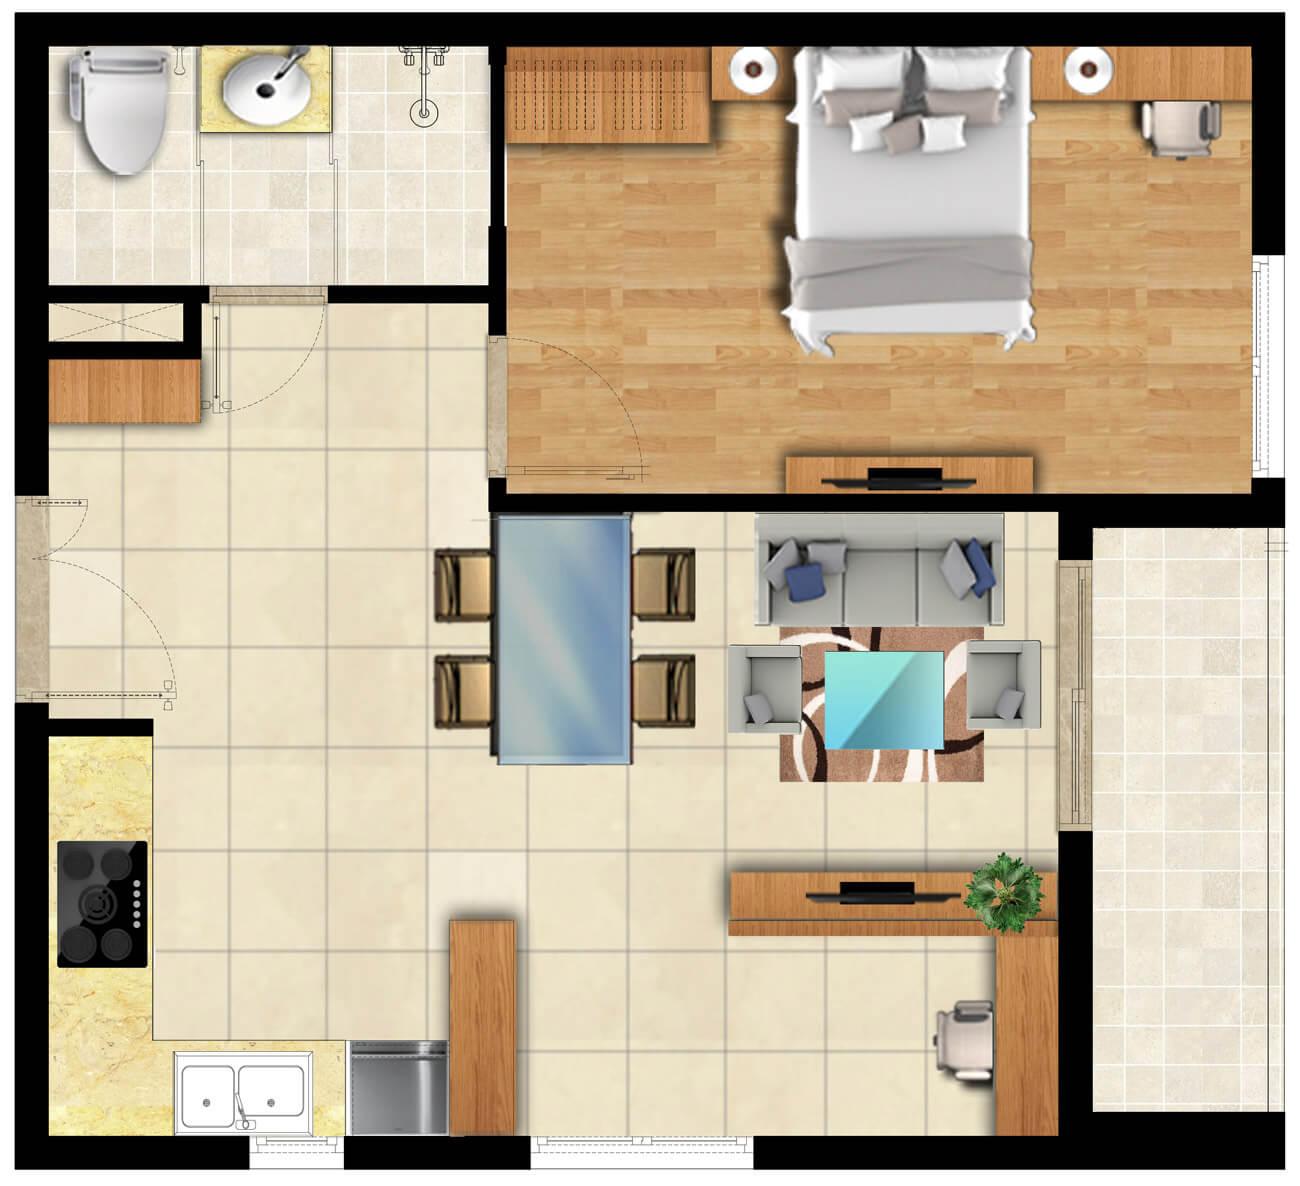 Mẫu căn hộ S-Home Bình Chiểu lô I